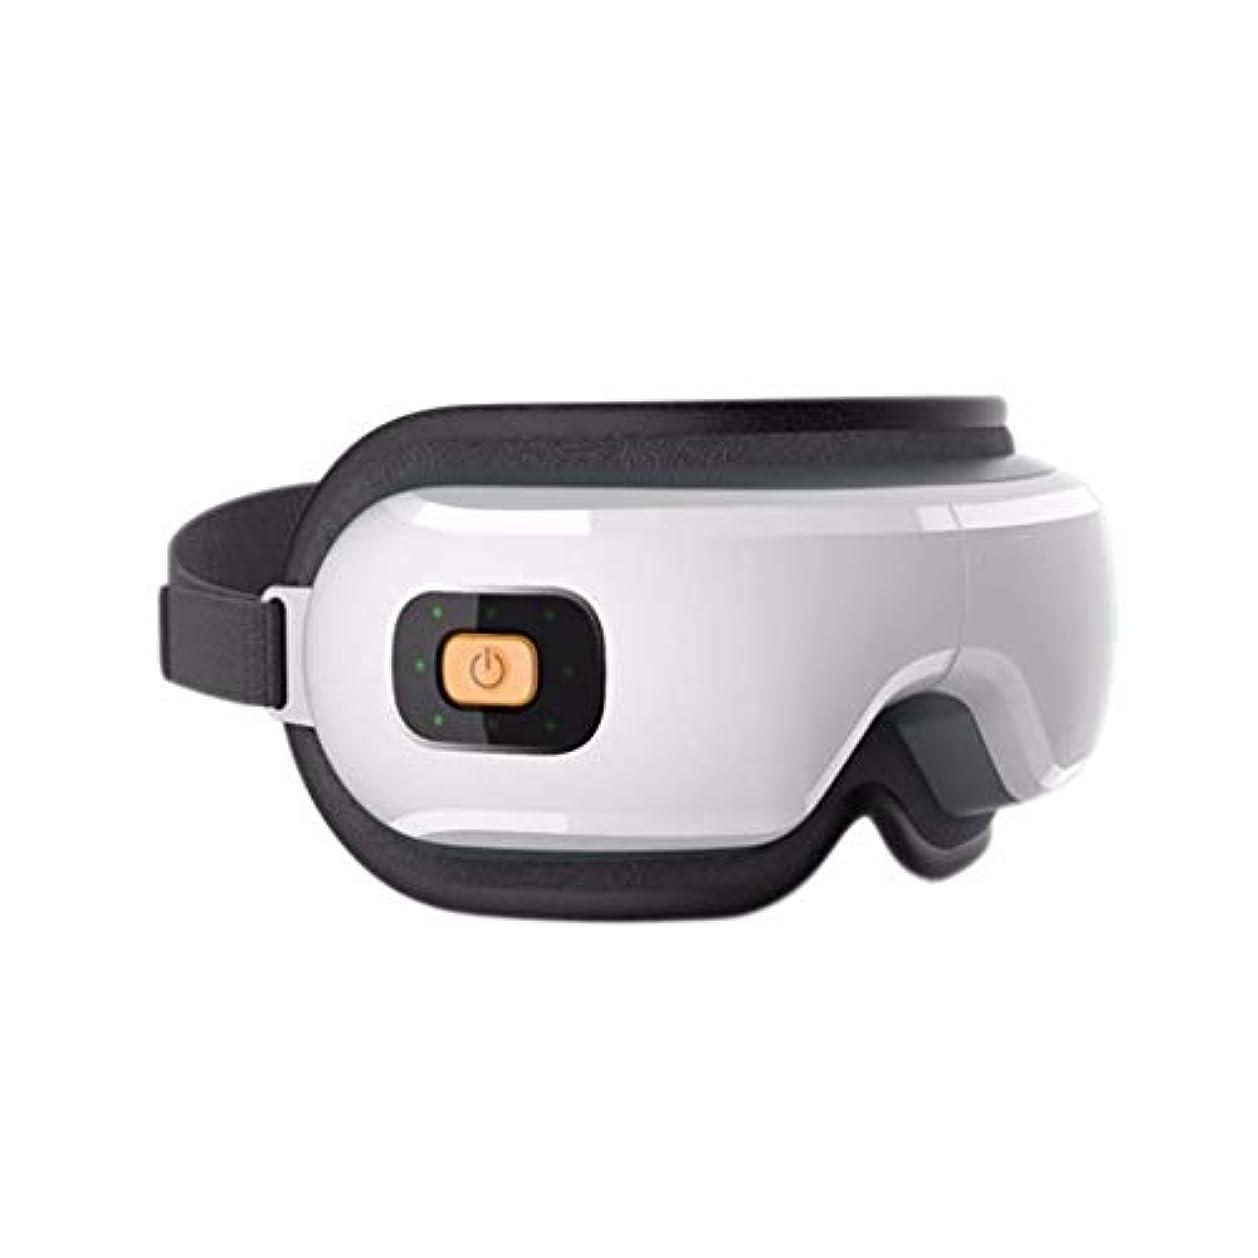 日付付きシャワープラカードアイマッサージャー、電動ポータブルアイマッサージツール、USB充電、スマートアイケア、加熱/振動/音楽/リラックス、アイバッグとダークサークルの緩和、目の疲労 (Color : 白)